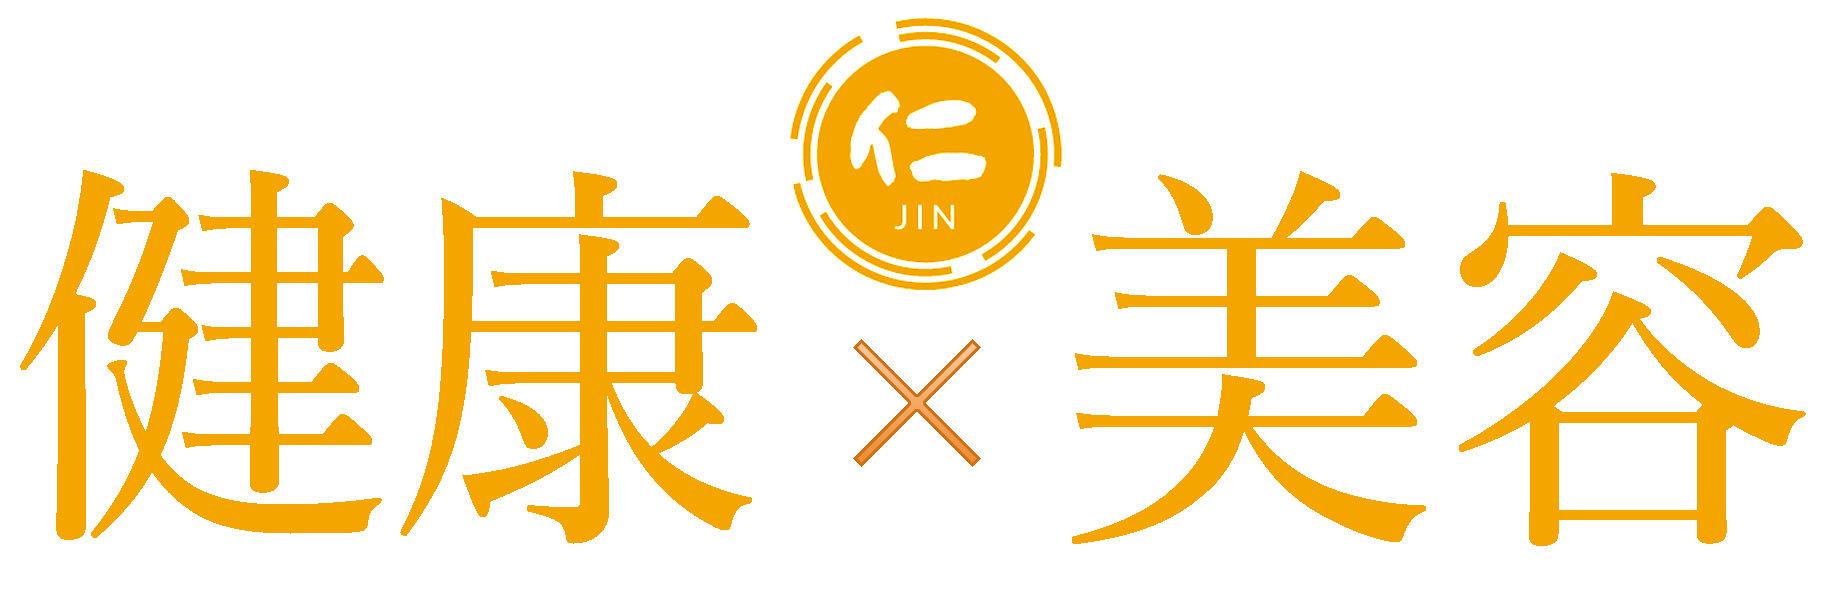 【公式】泉佐野のエステ・ボディーケア丨jin鍼灸整骨院